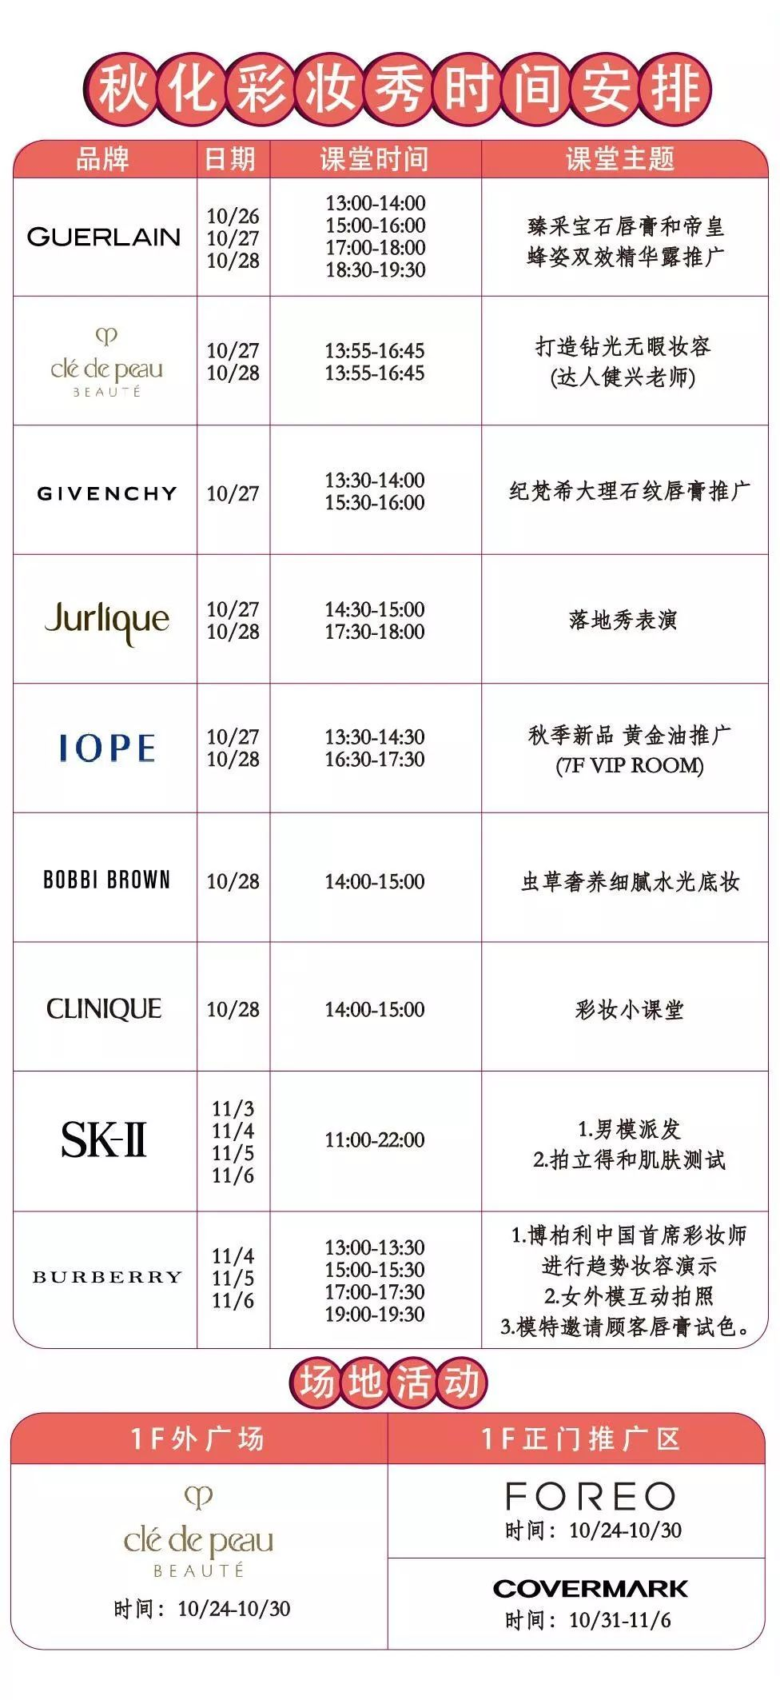 上海久光百货秋季美妆攻略 化妆品满千返百